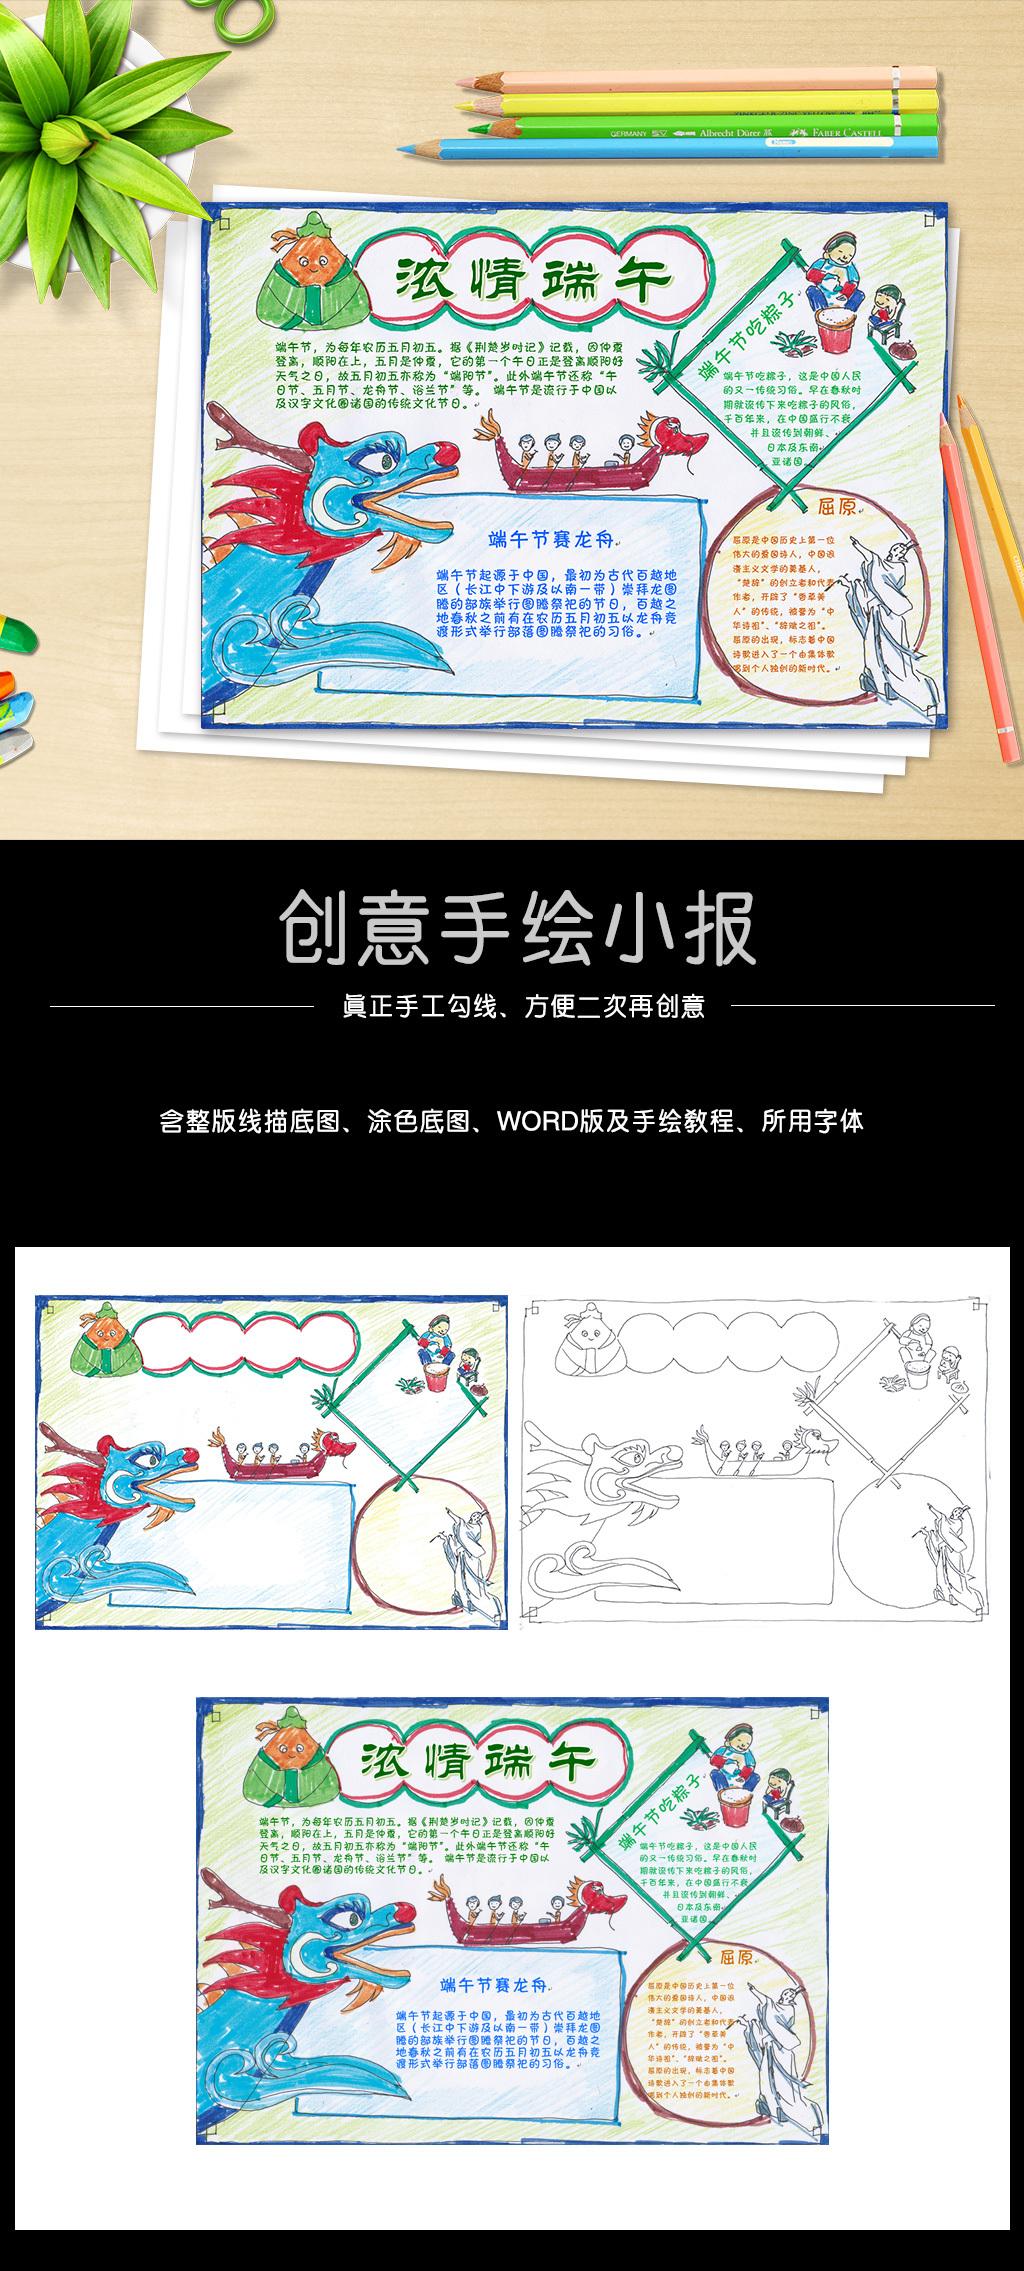 手绘端午小报word传统节日手抄报模板